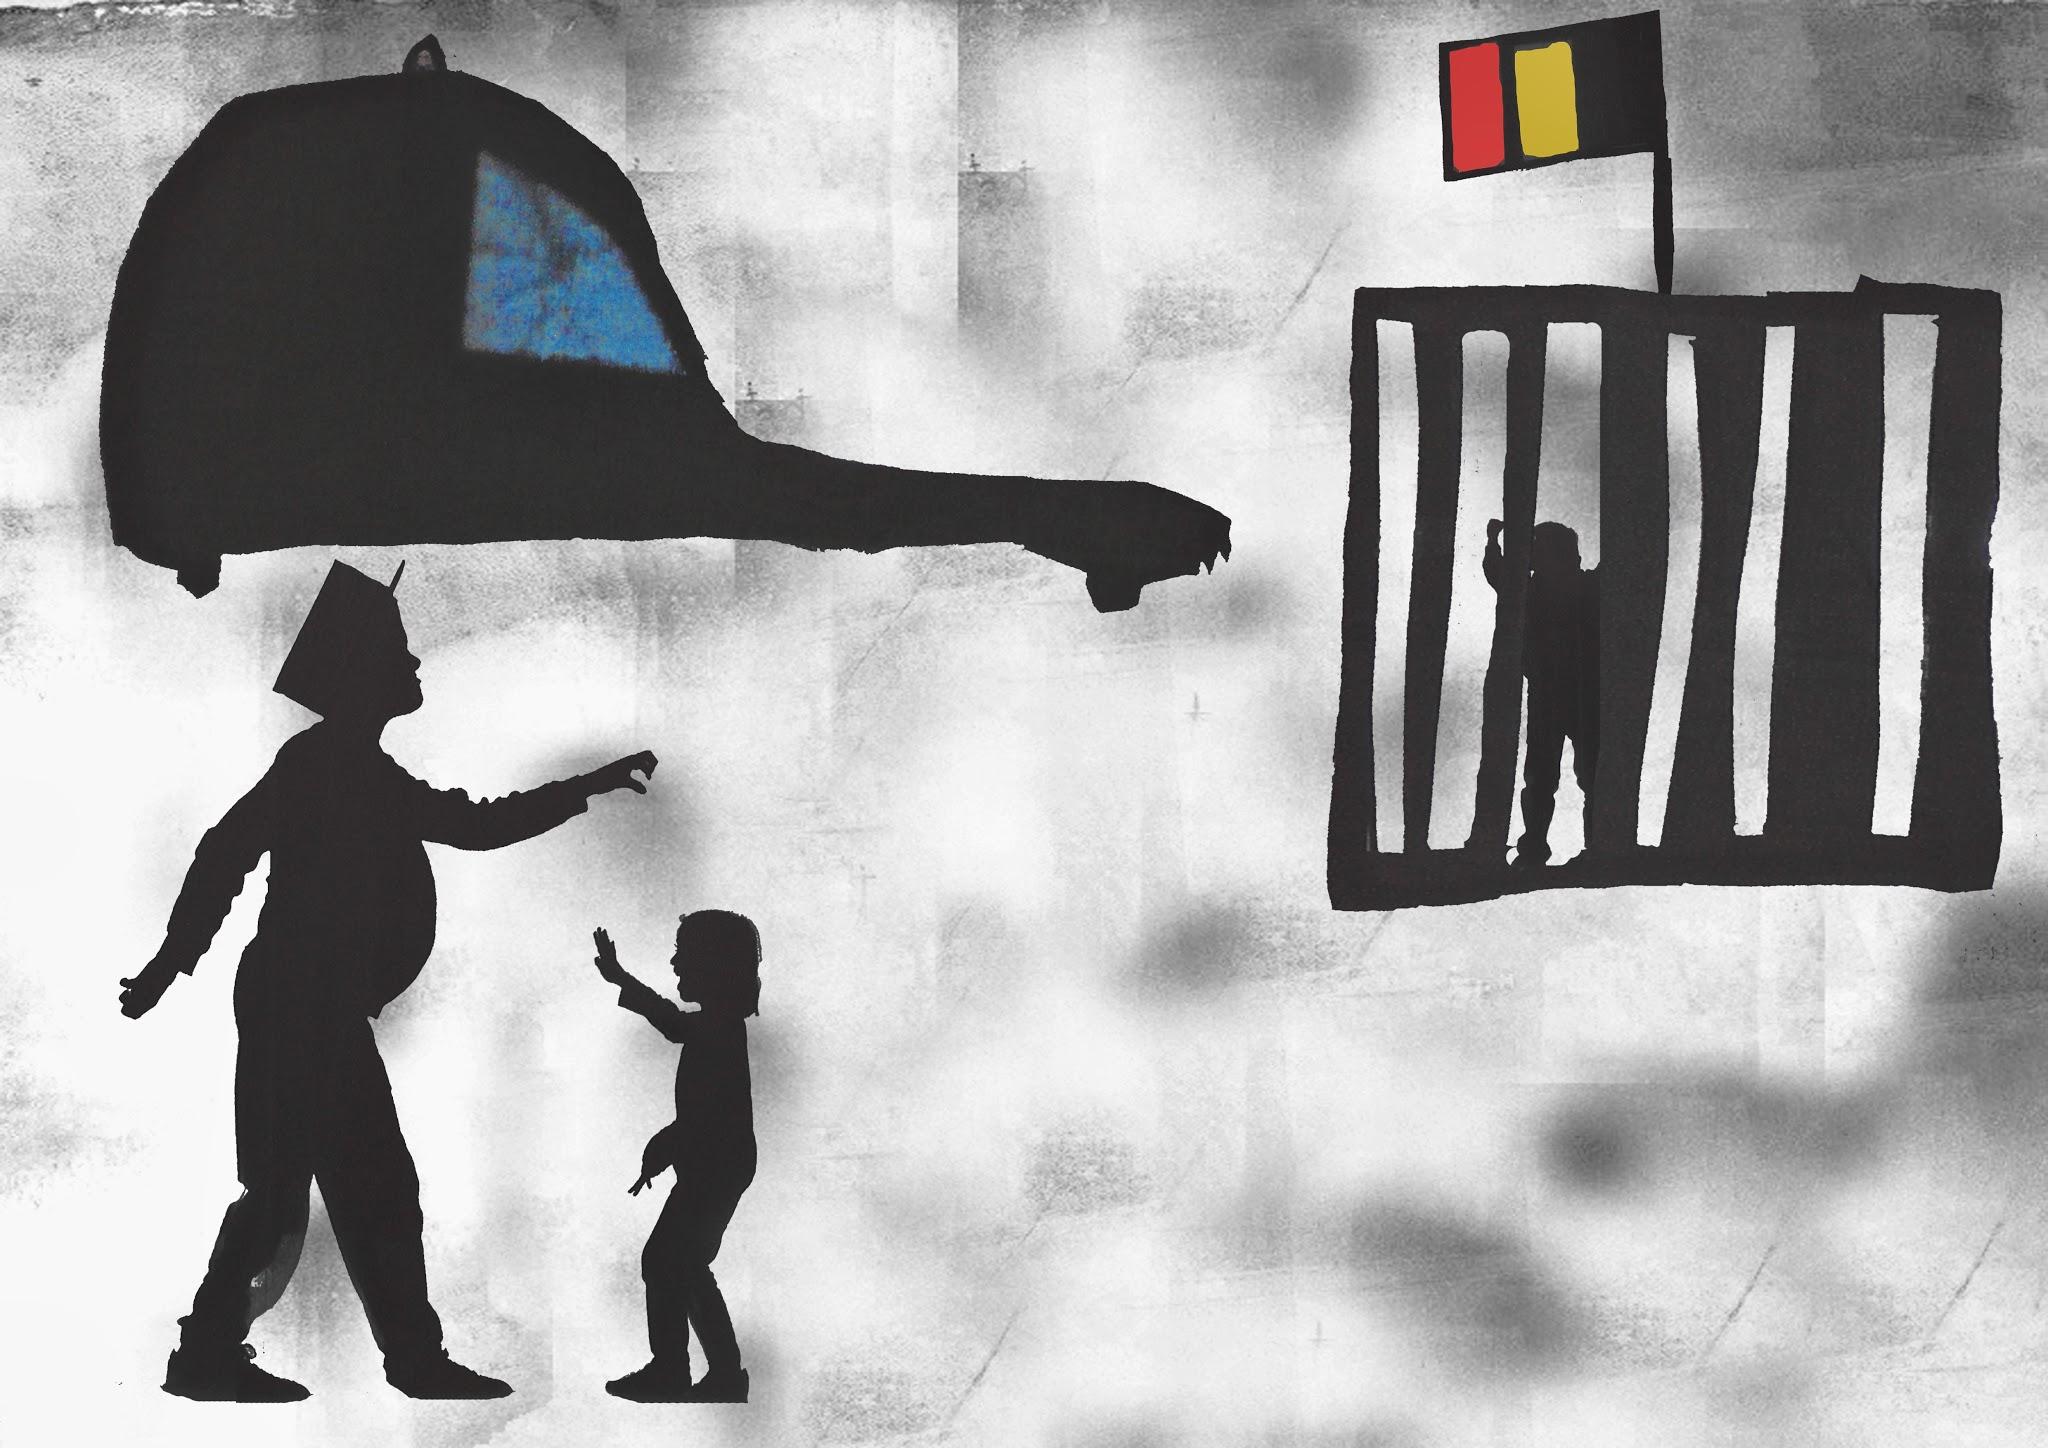 J'ai peur de la police belge si je ne suis pas sage ils vont me mettre en cage...